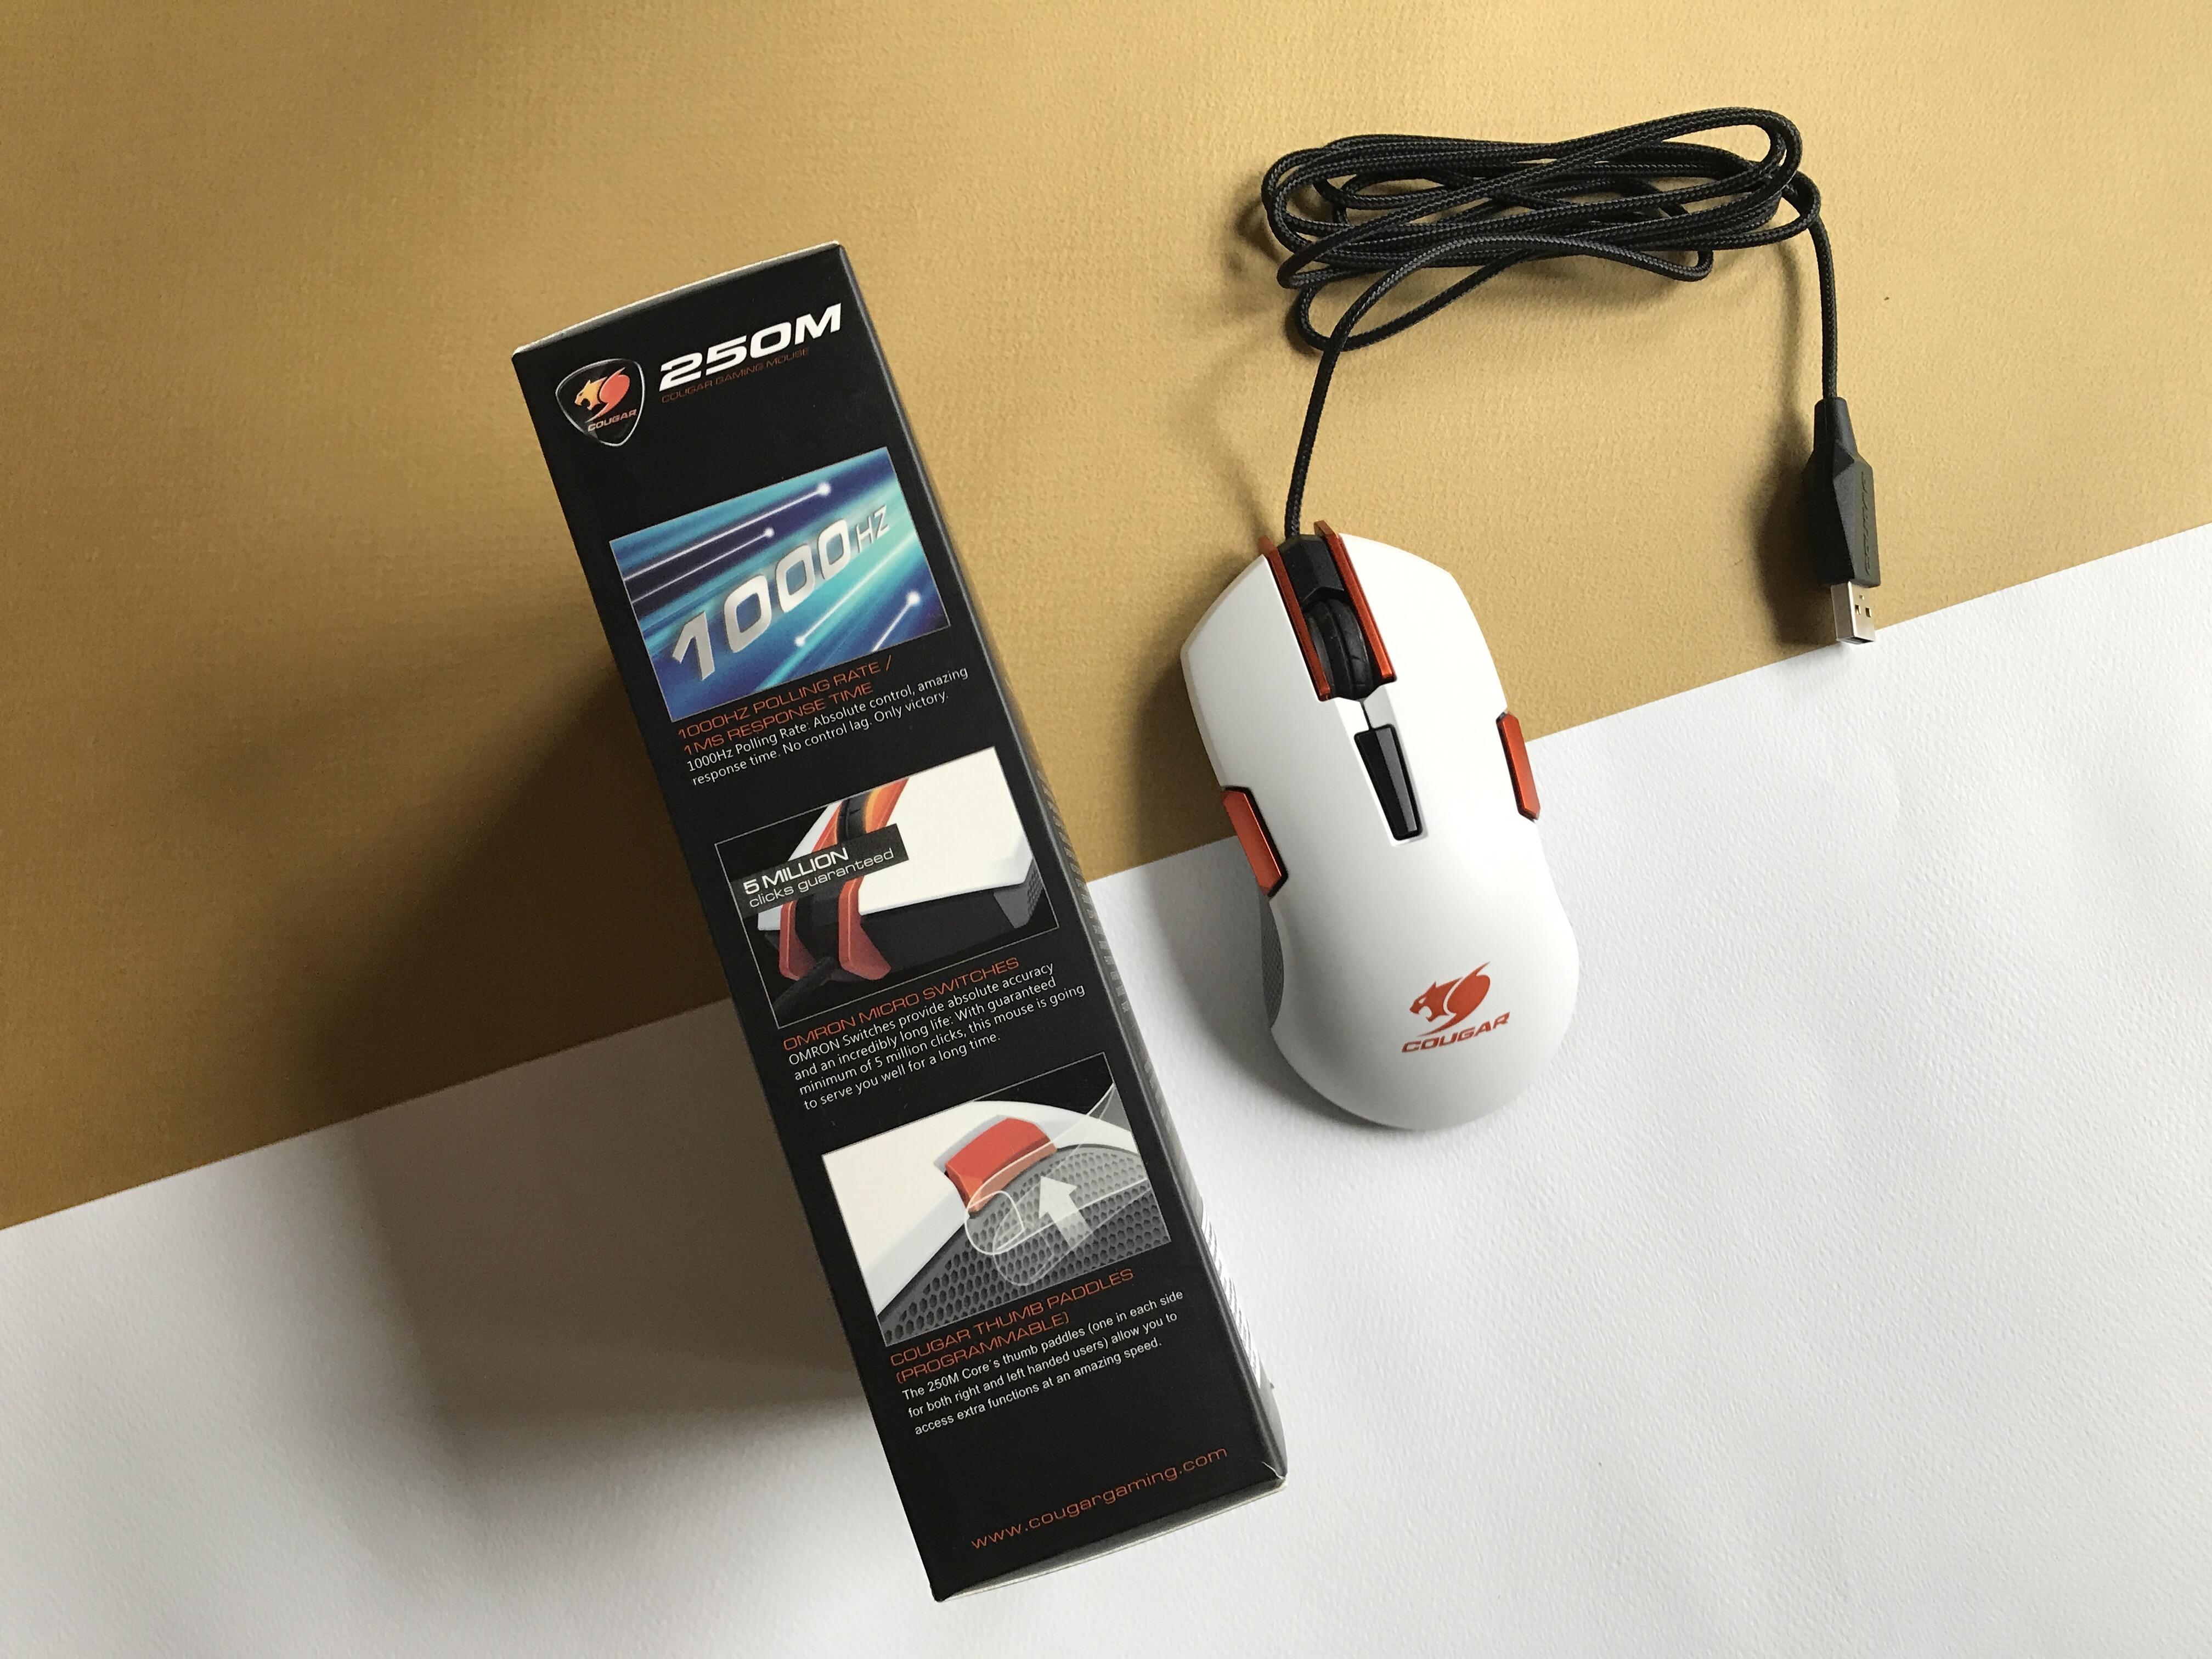 Kết quả hình ảnh cho Cougar 250M Black RGB Led - Optical Pro Gaming Mouse